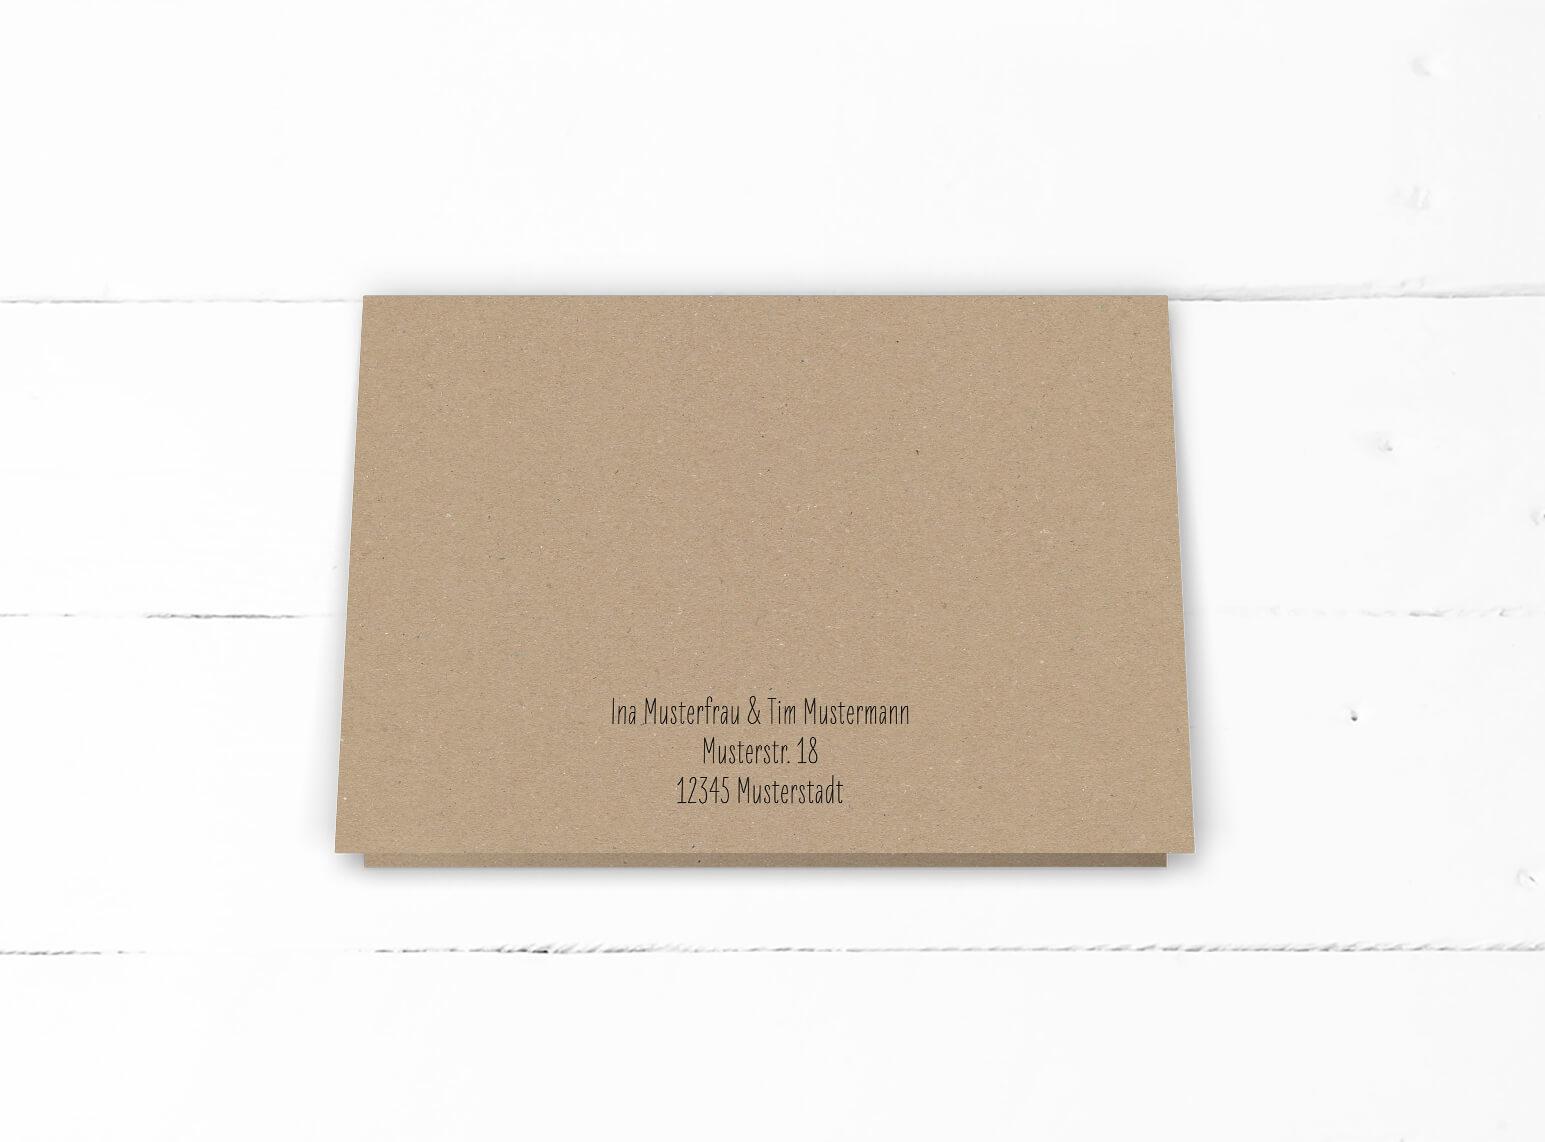 Hochzeit, Einladung, echtes Kraftpapier, schwarze Kalligrafie, DIN C6 Klappkarte, Querformat, Rückseite